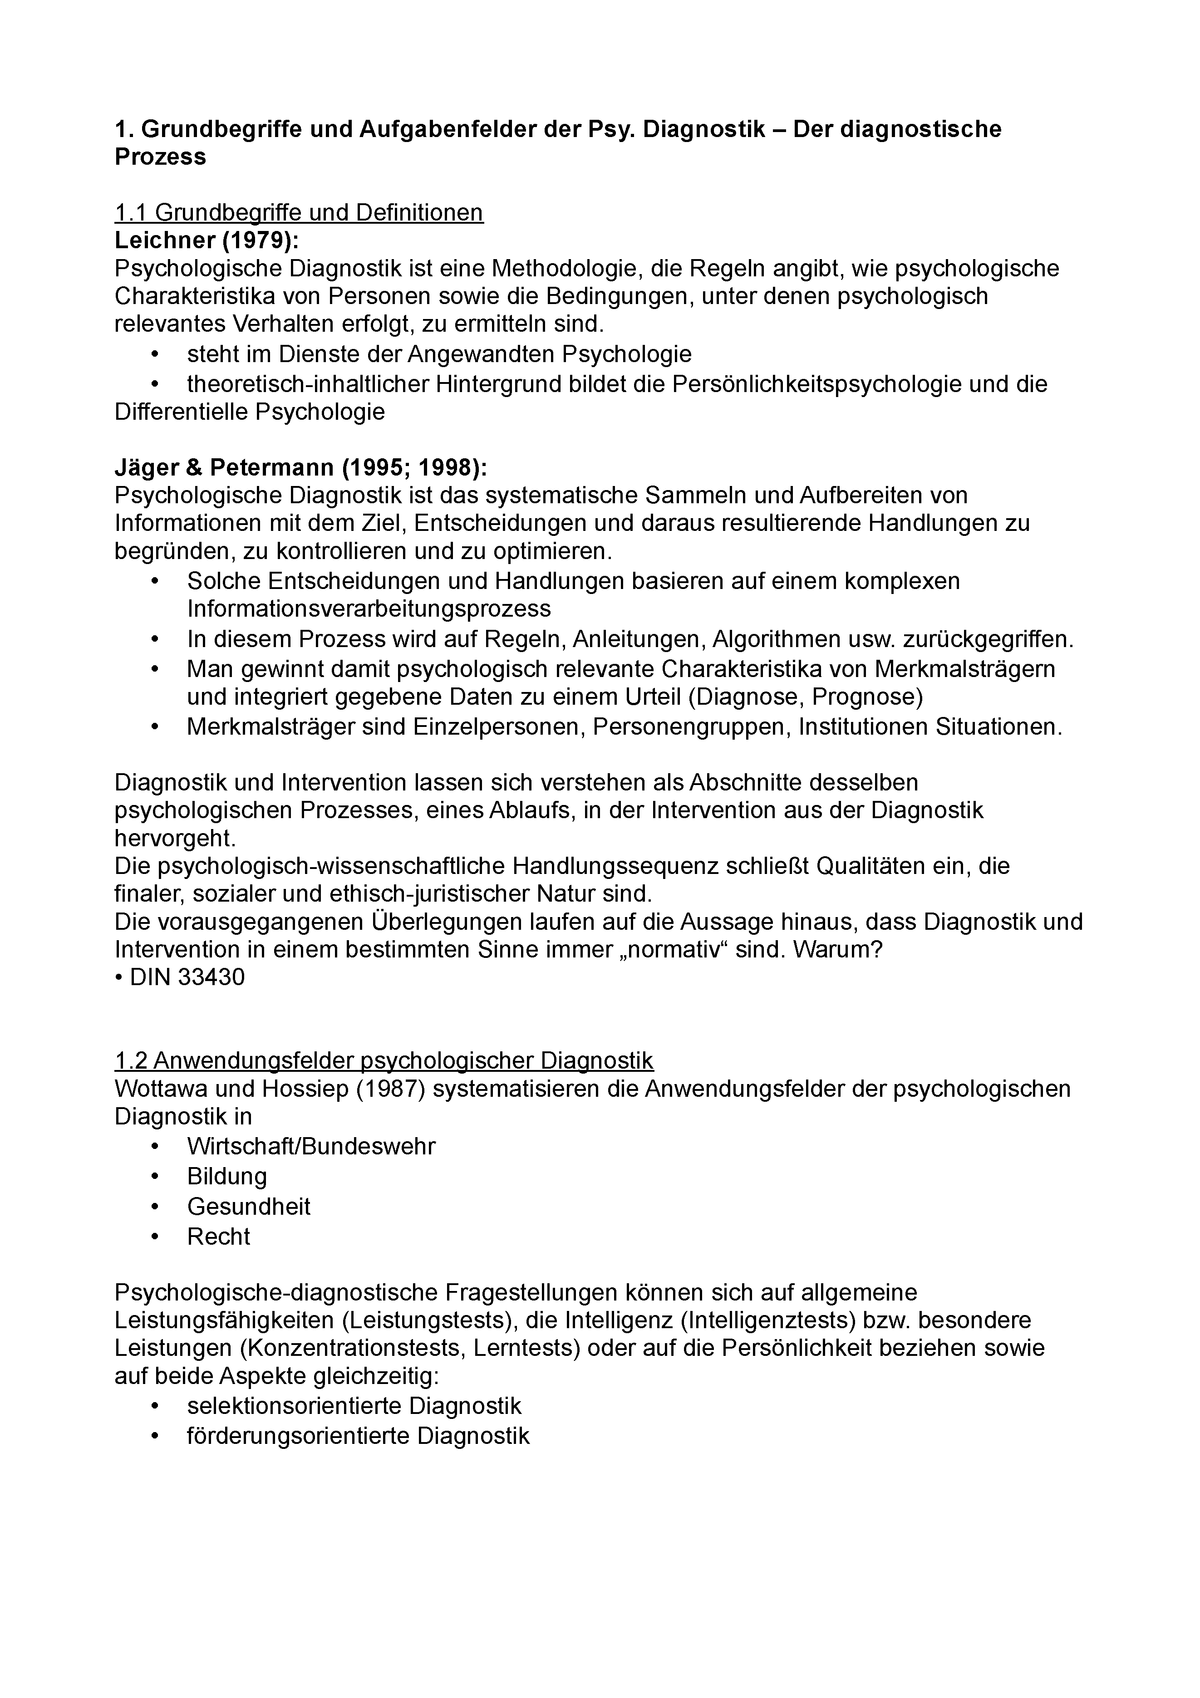 Zusammenfassung Diagnostik Studocu